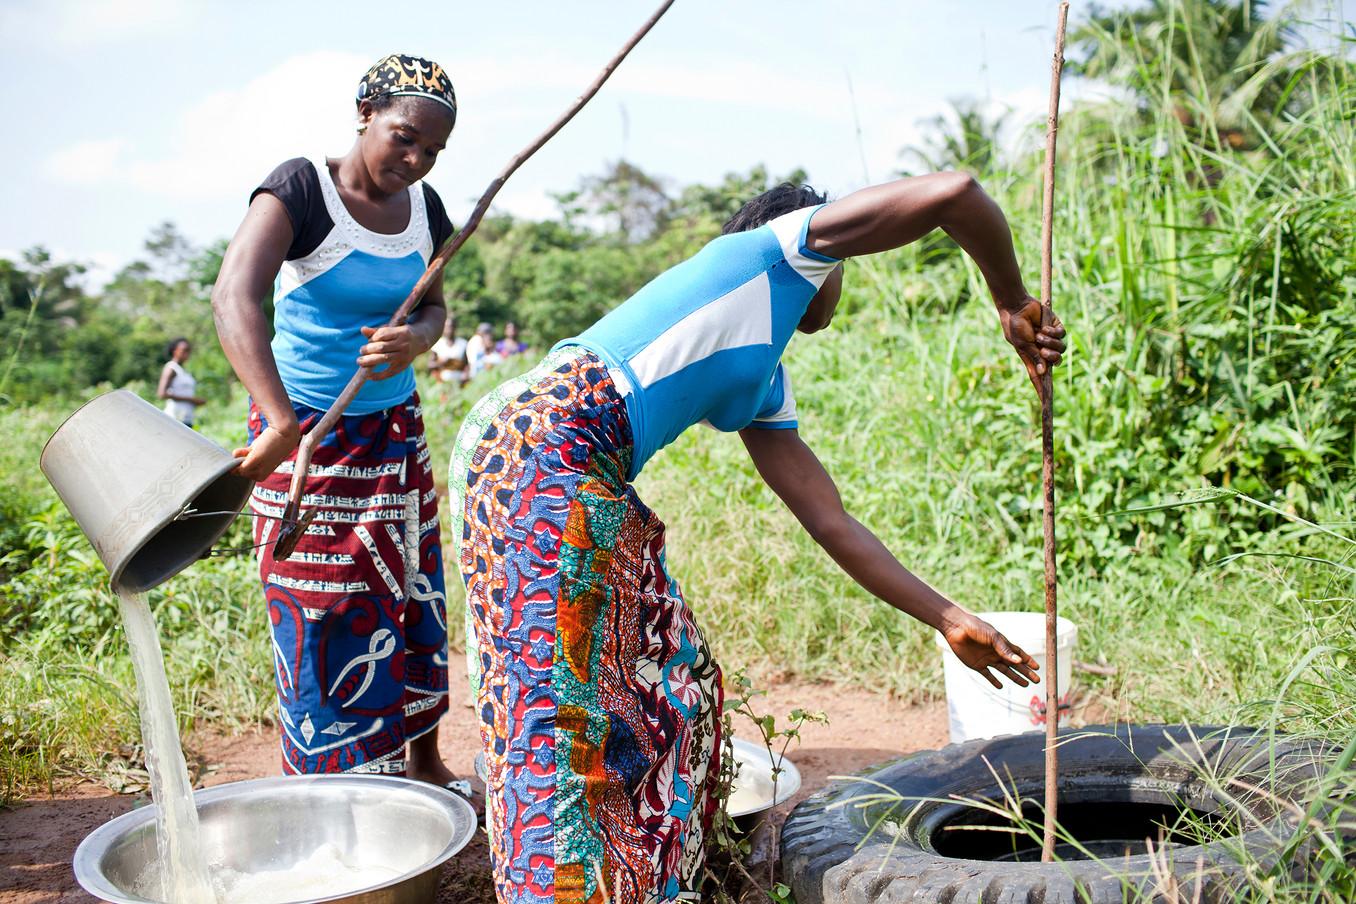 NGO_CSR-CARE-Ivory Coast 003.jpg